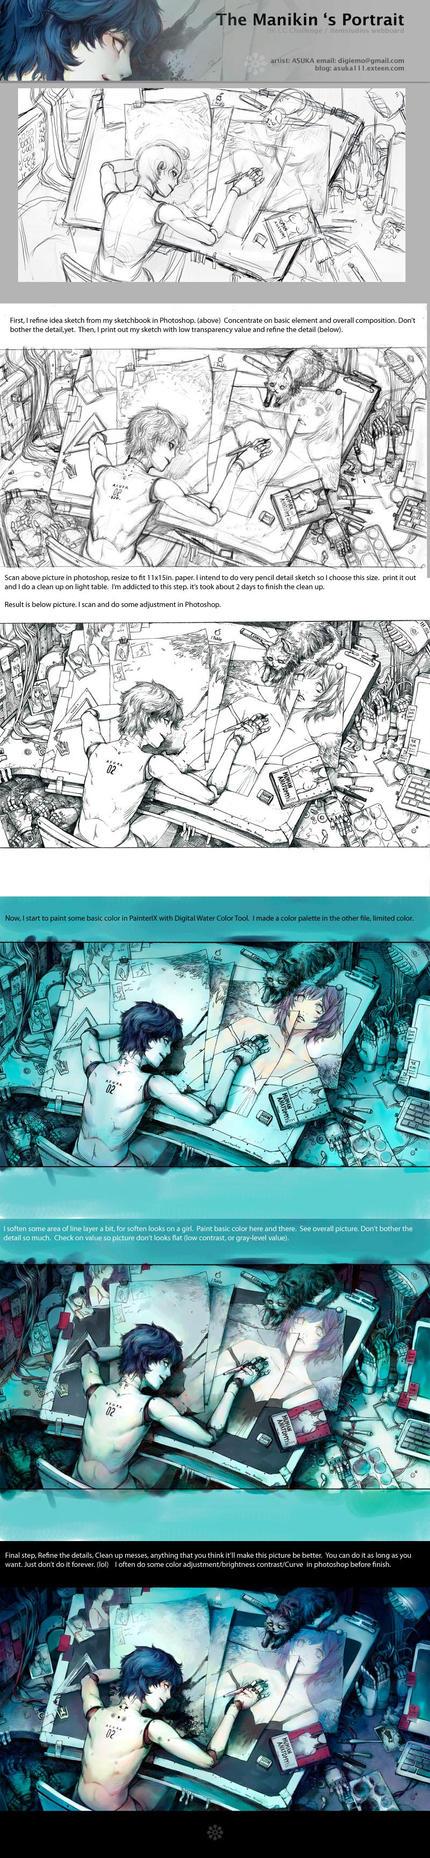 Asuka 's work process by asuka111